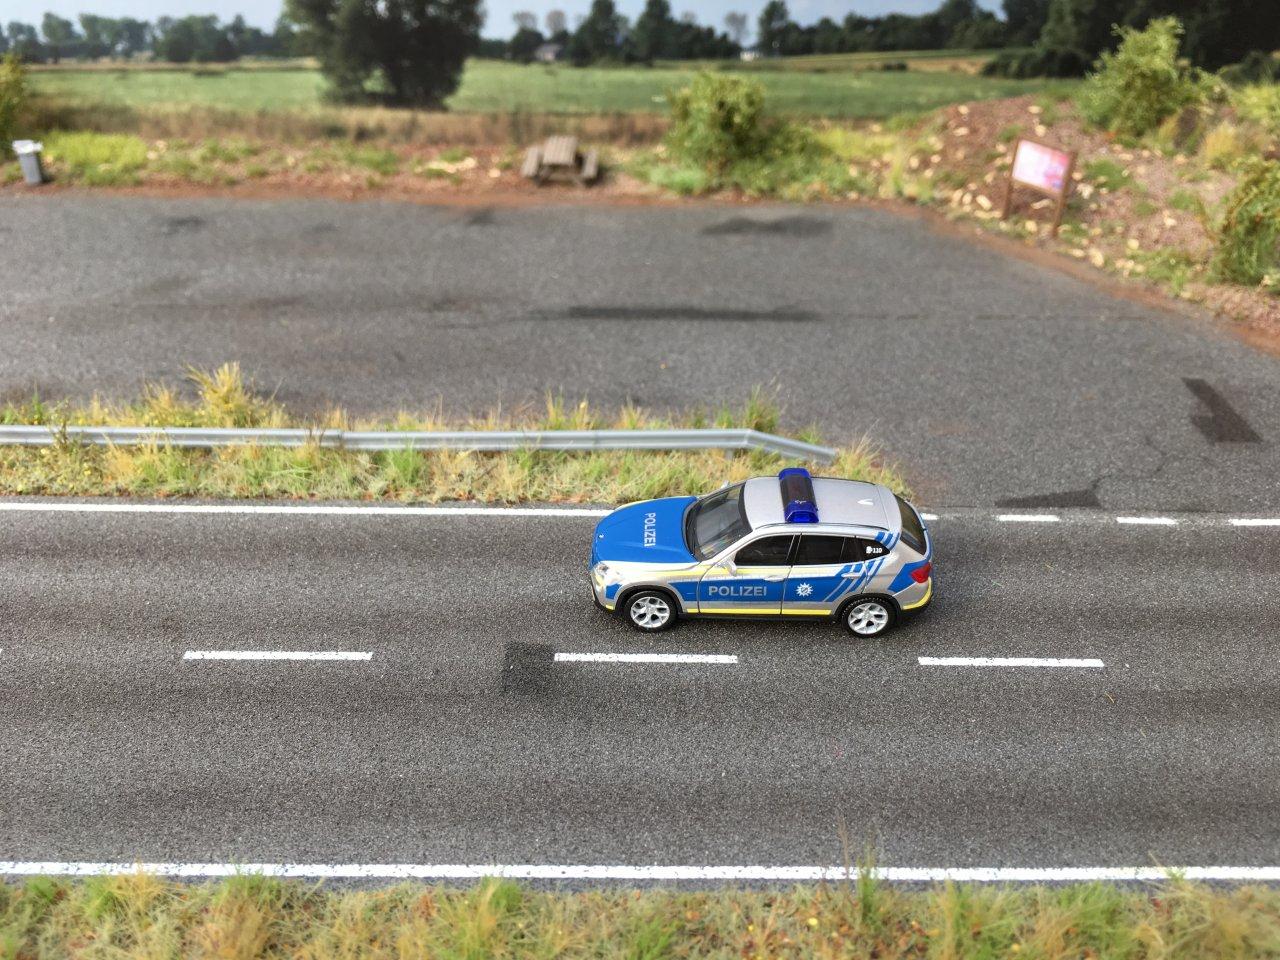 BMW X1 Polizei Bayern  06.JPG